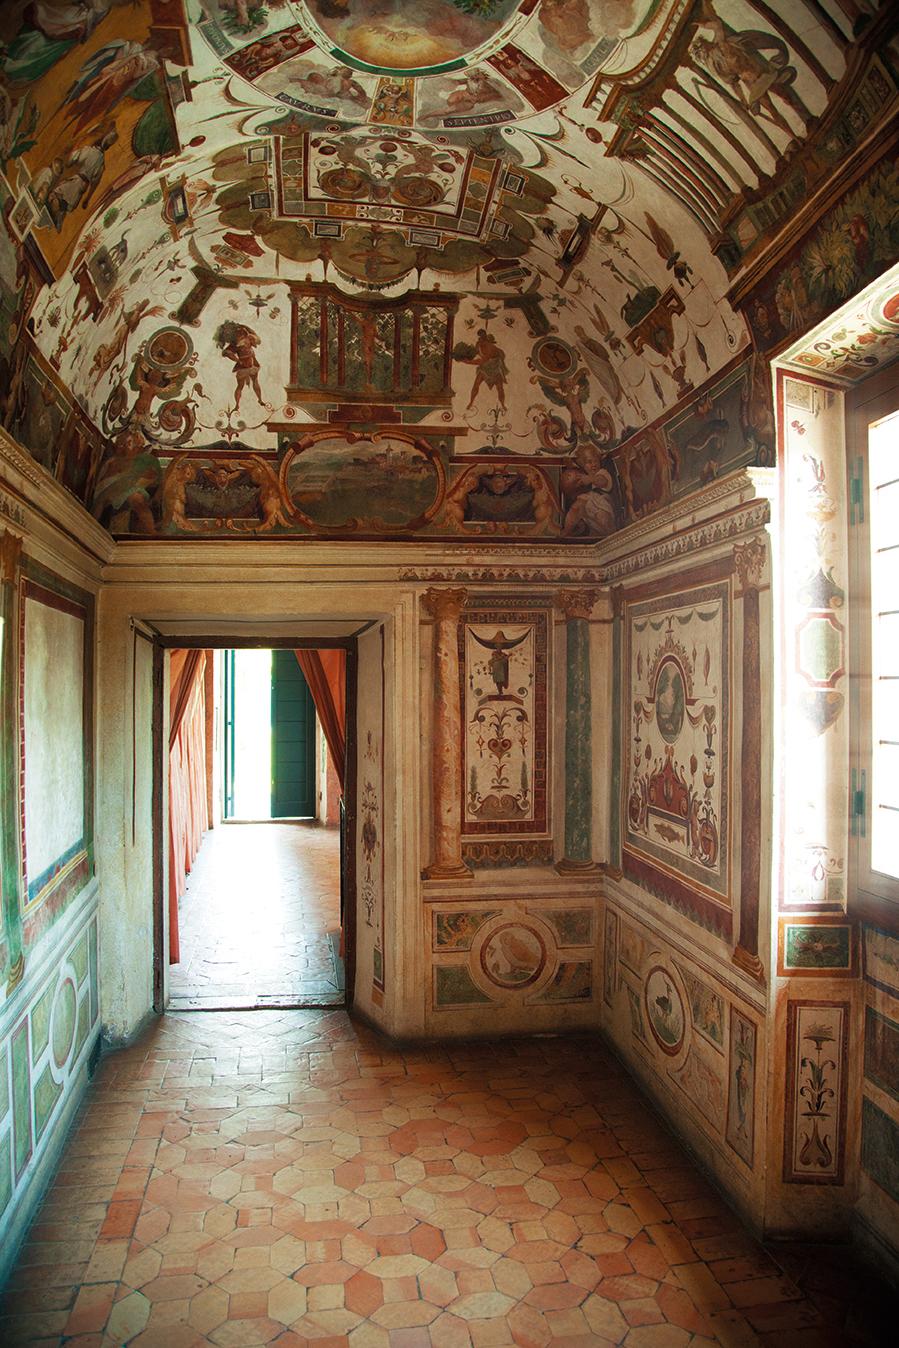 메디치 추기경이 비밀리에 첩들을 만나던 방. 저 멀리 당시 로마 외곽으로 빠져나갈 수 있게 만든 비밀 계단이 보인다